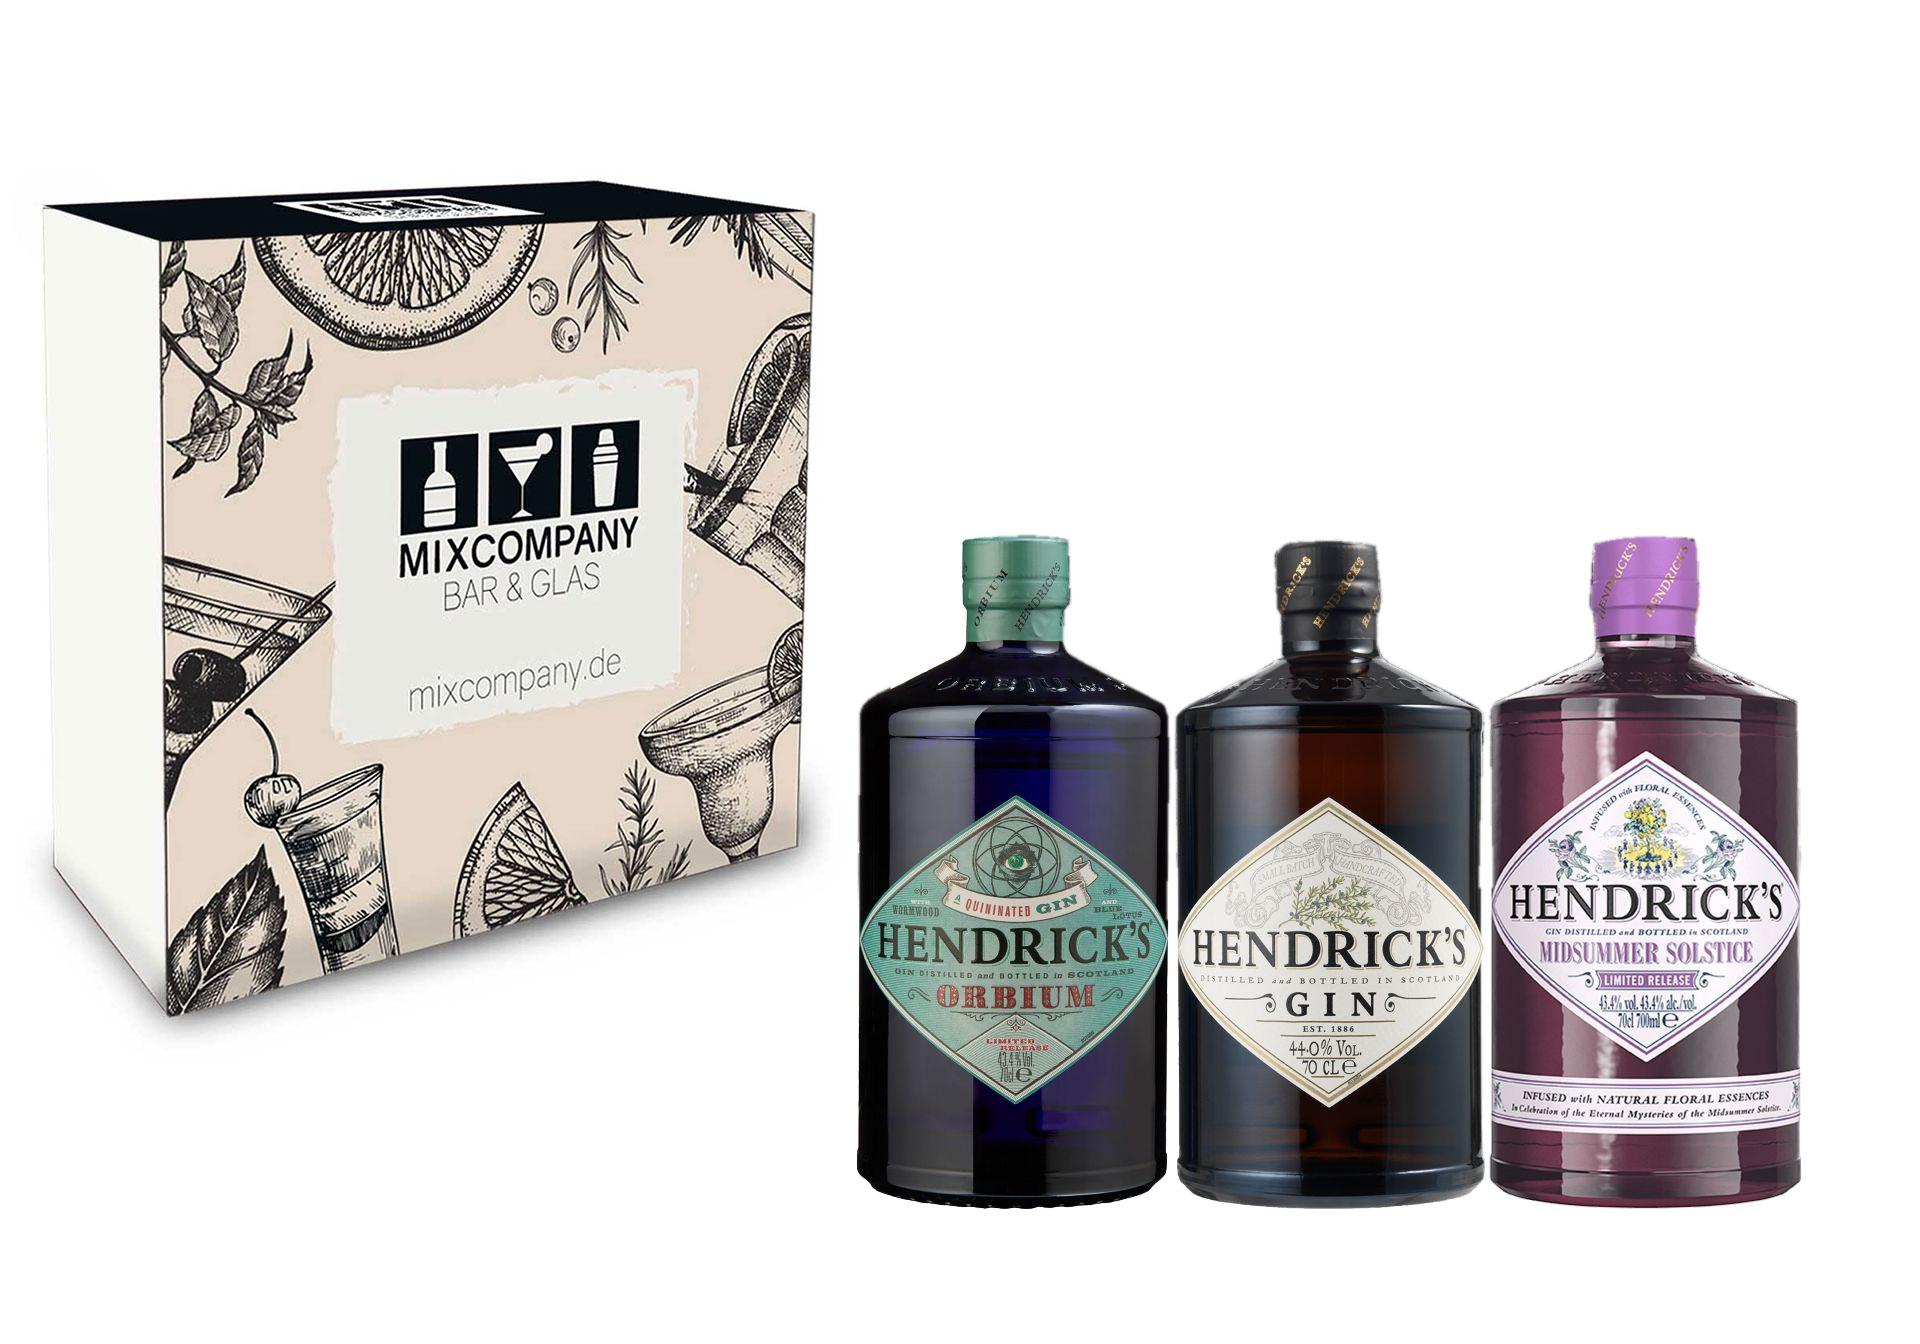 Hendricks Gin Geschenkset - Hendricks Gin 0,7L (44% Vol) + Hendricks Midsummer Gin 0,7L (43,4% Vol) + Hendricks Orbium Gin 0,7L (43,4% Vol) + Giftbox - [Enthält Sulfite]